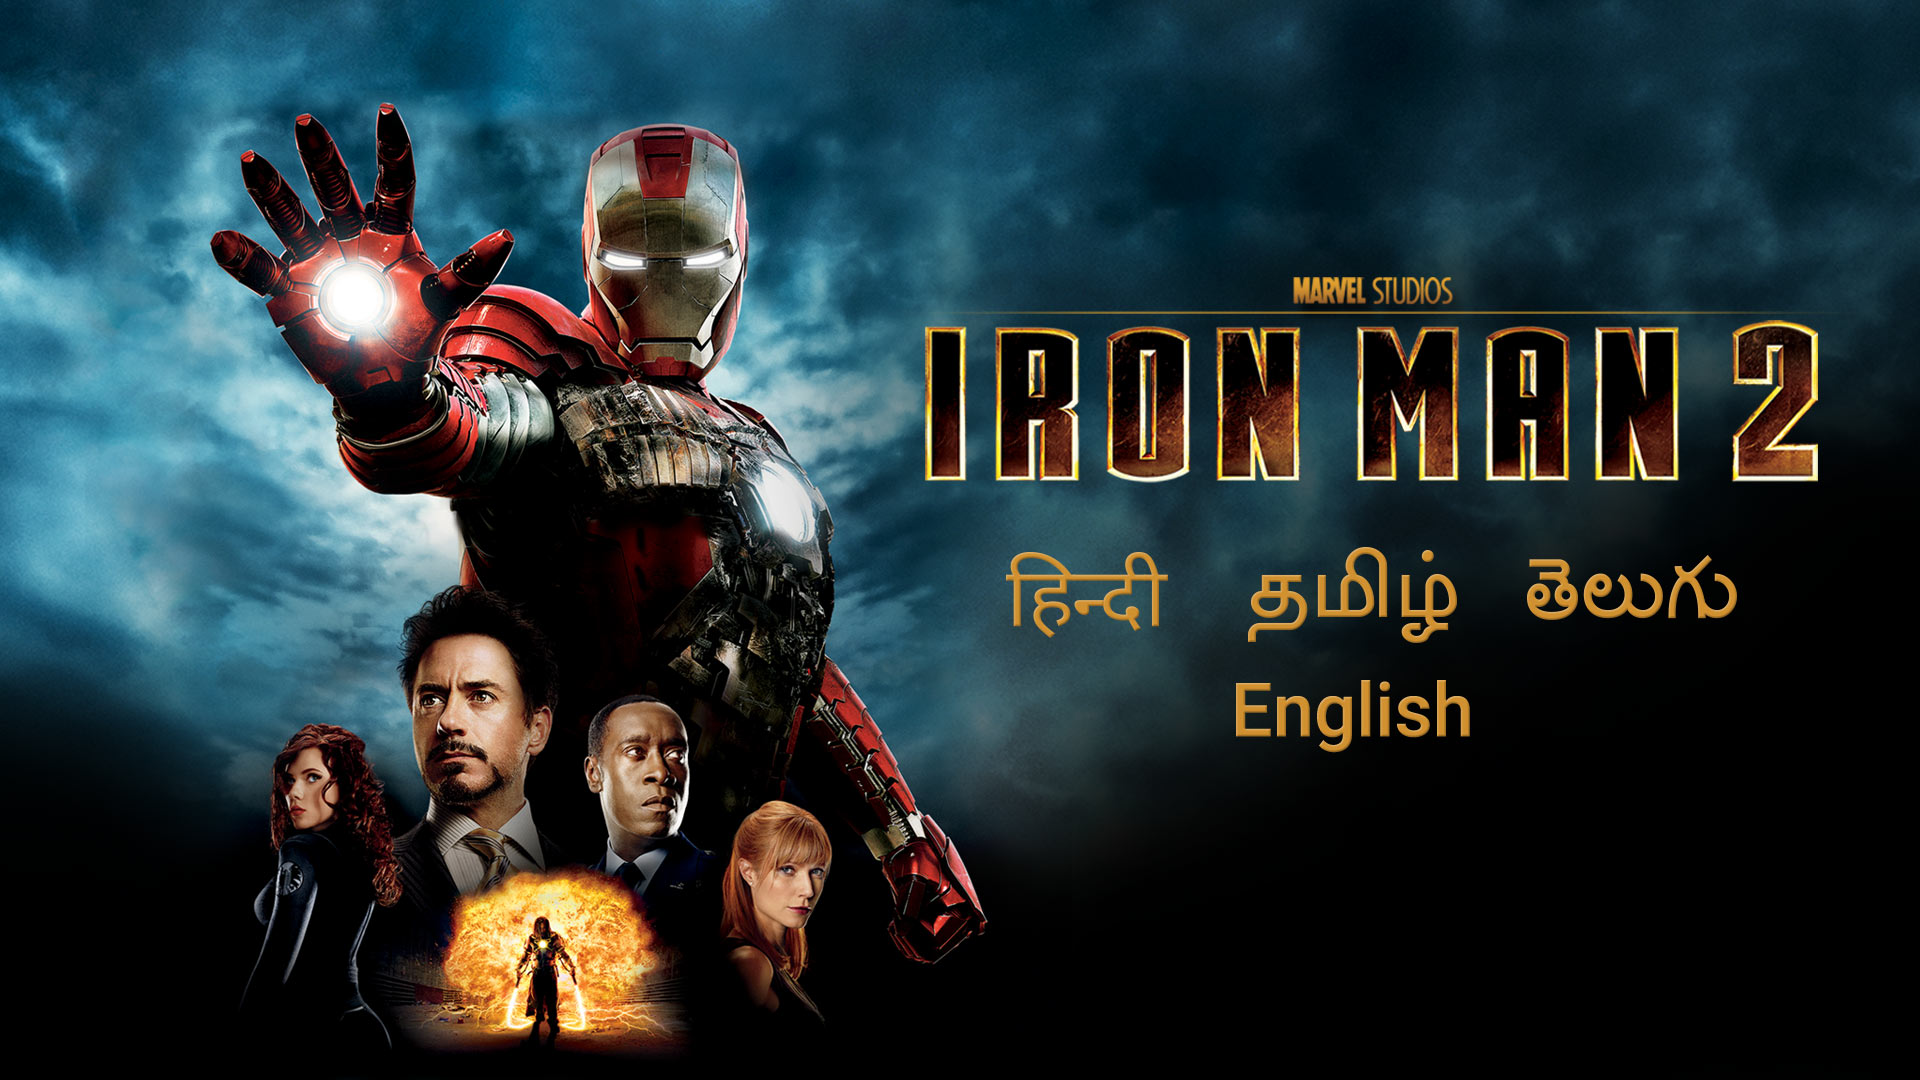 Iron Man 2 (2010) hotstar